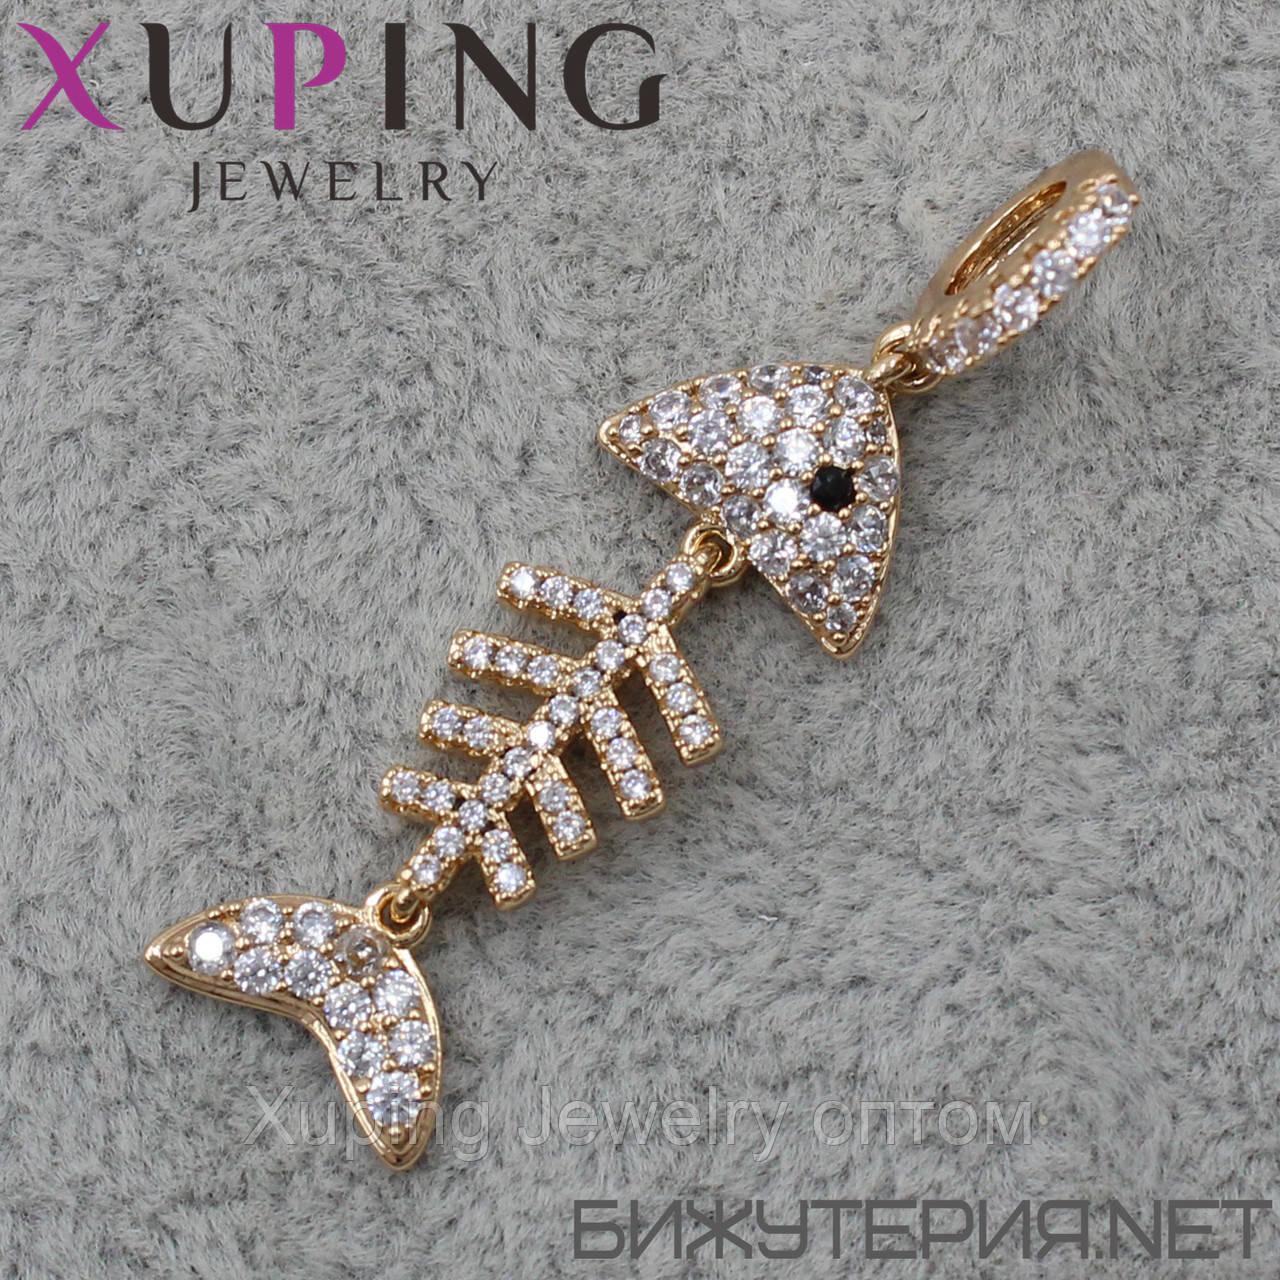 Кулон (подвеска) Xuping медицинское золото 18K Gold - 1023622129